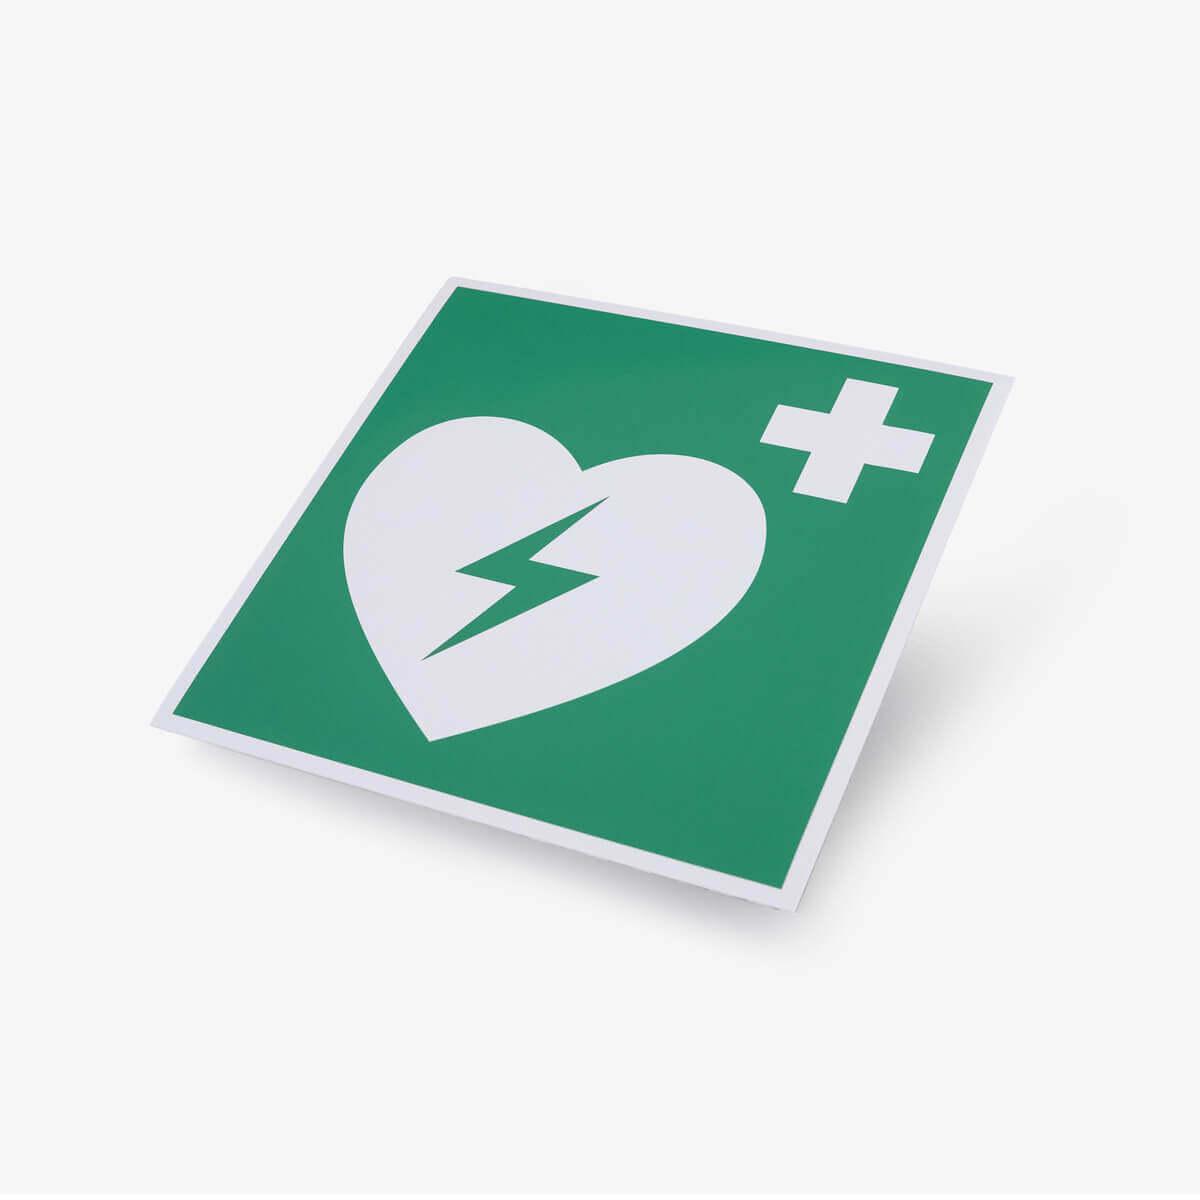 Hinweiskleber mit AED Symbol